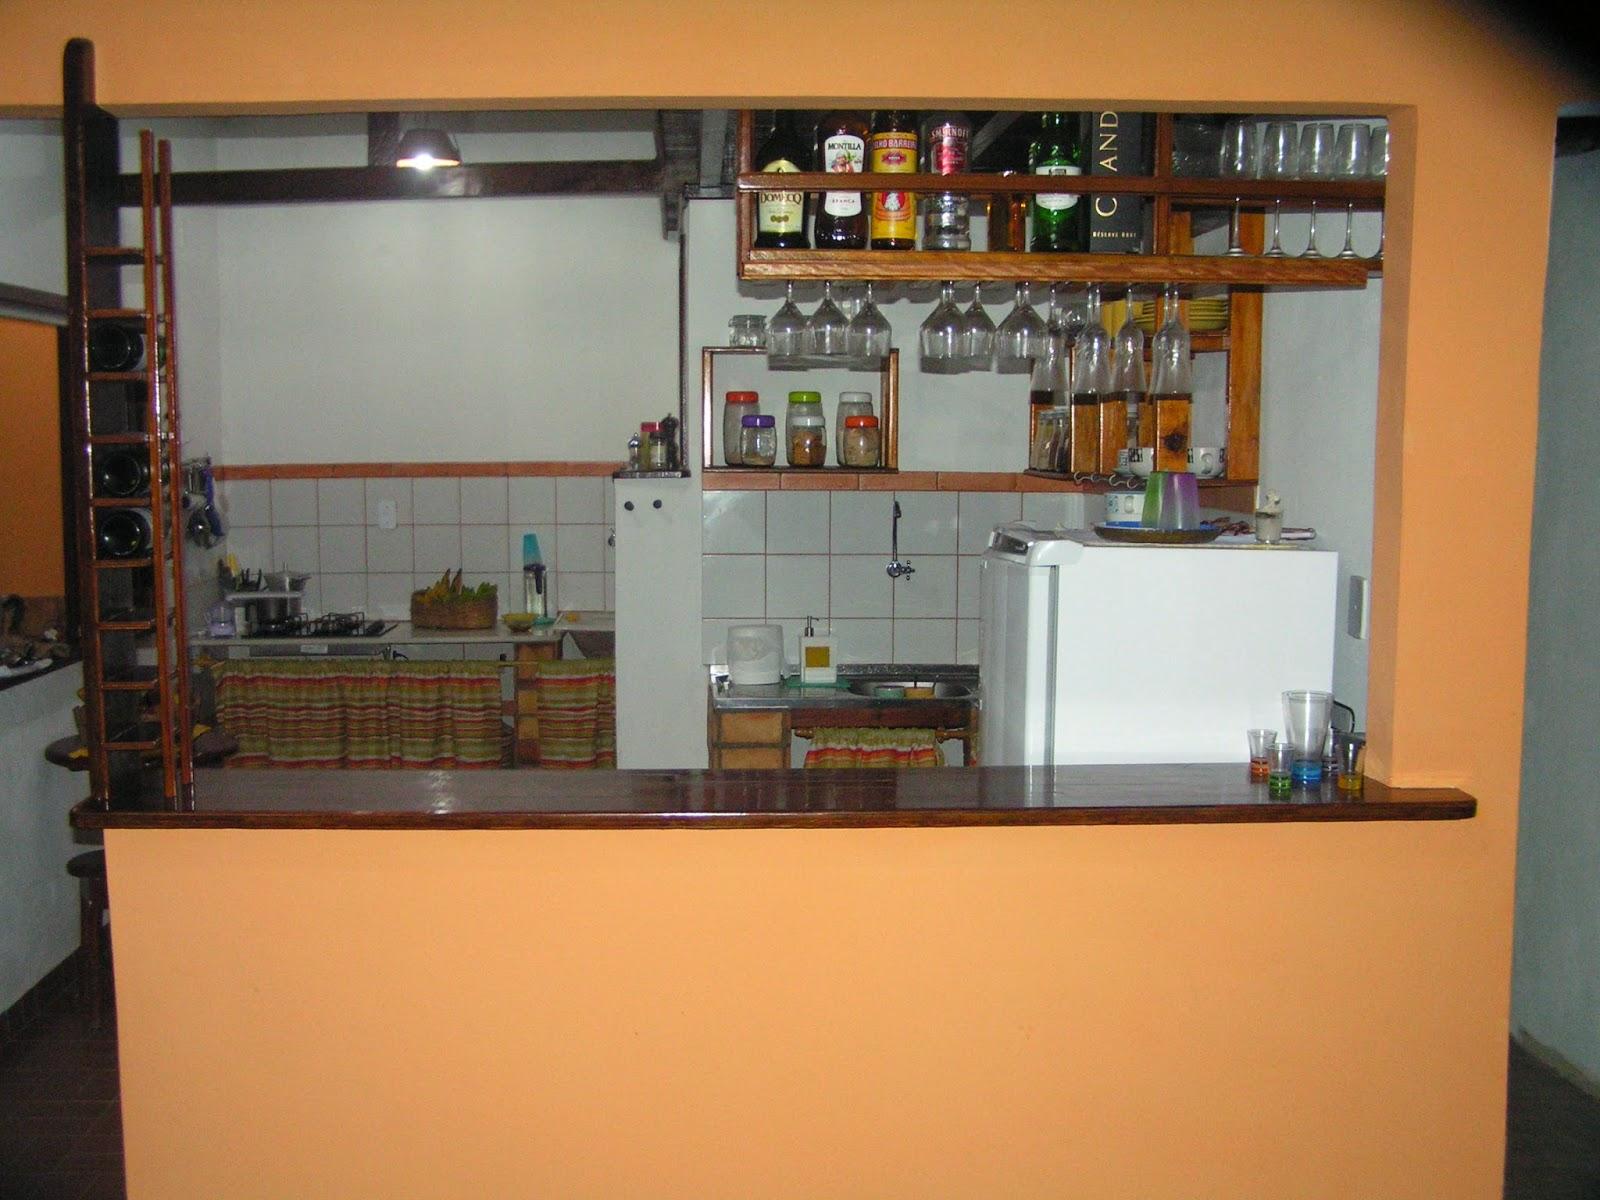 Wibamp Com Bar De Cozinha Americana Id Ias Do Projeto Da Cozinha